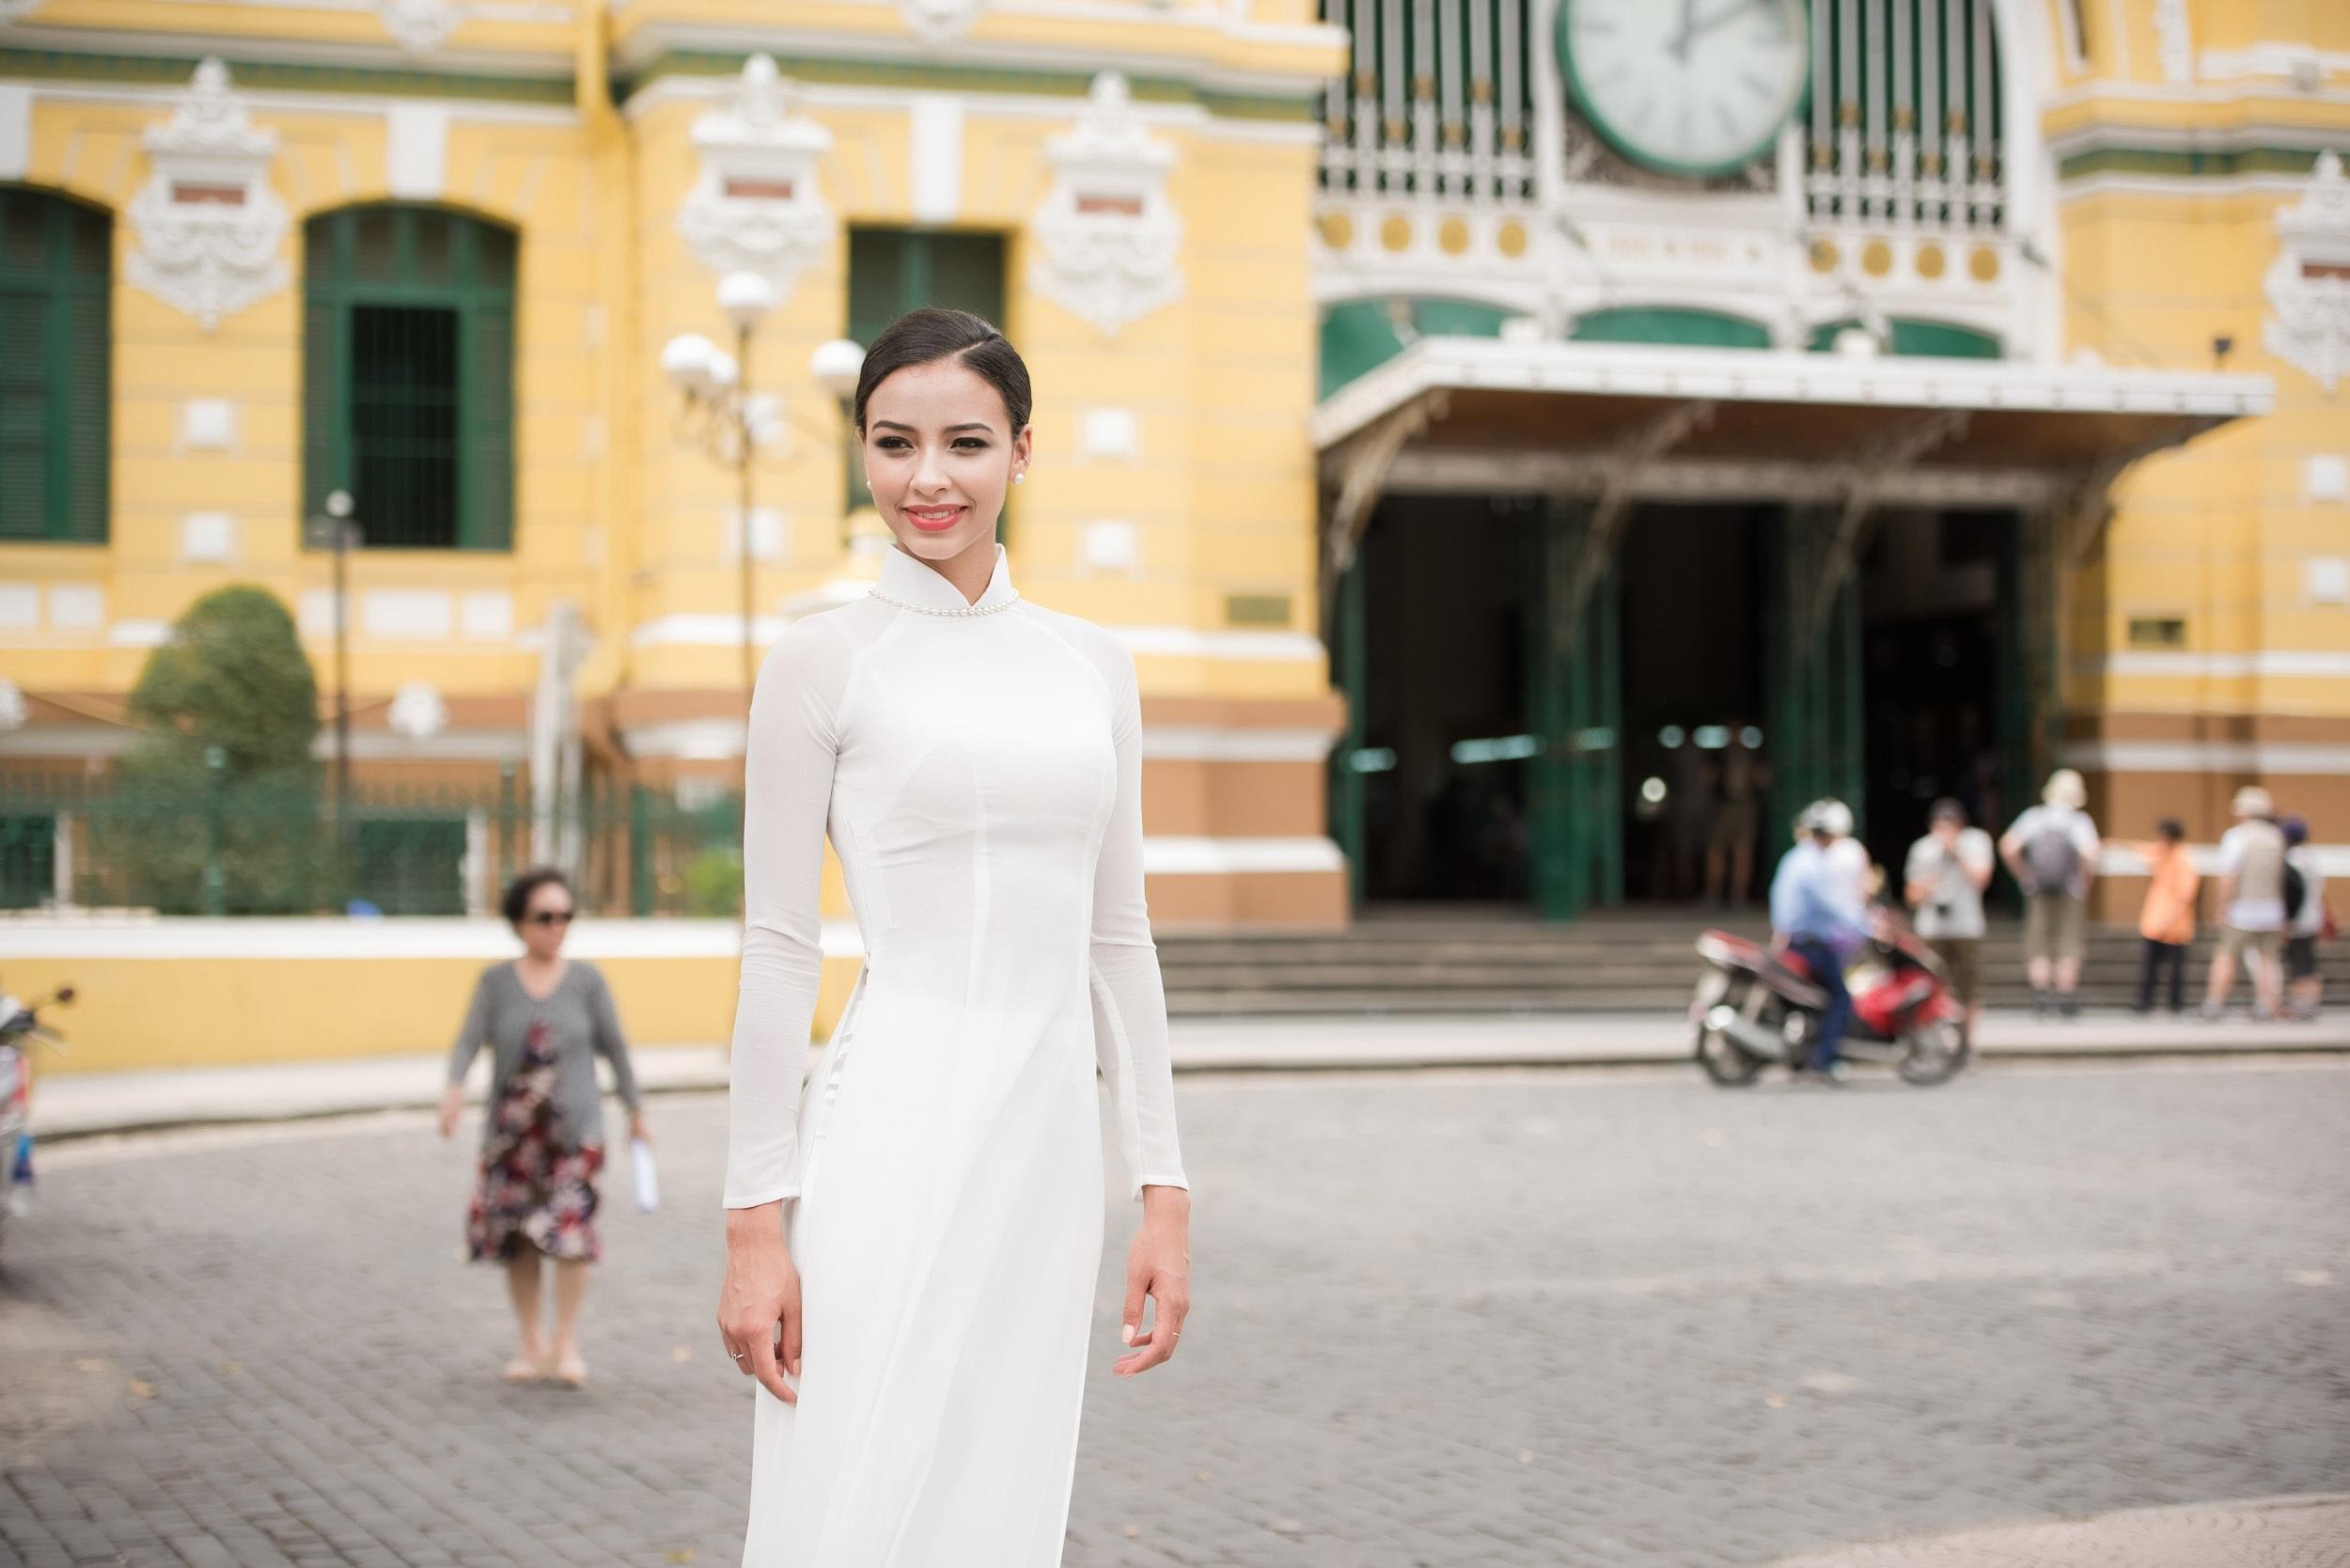 Lần đầu tiên Flora mặc áo dài, lại màu trắng nên cô thấy vô cùng đẹp, luôn miệng nói dễ thương và cảm ơn NTK đã lựa chọn cho cô chiếc áo dài vừa vặn, dù số đo của Flora không dễ tìm trang phục để vừa vặn.